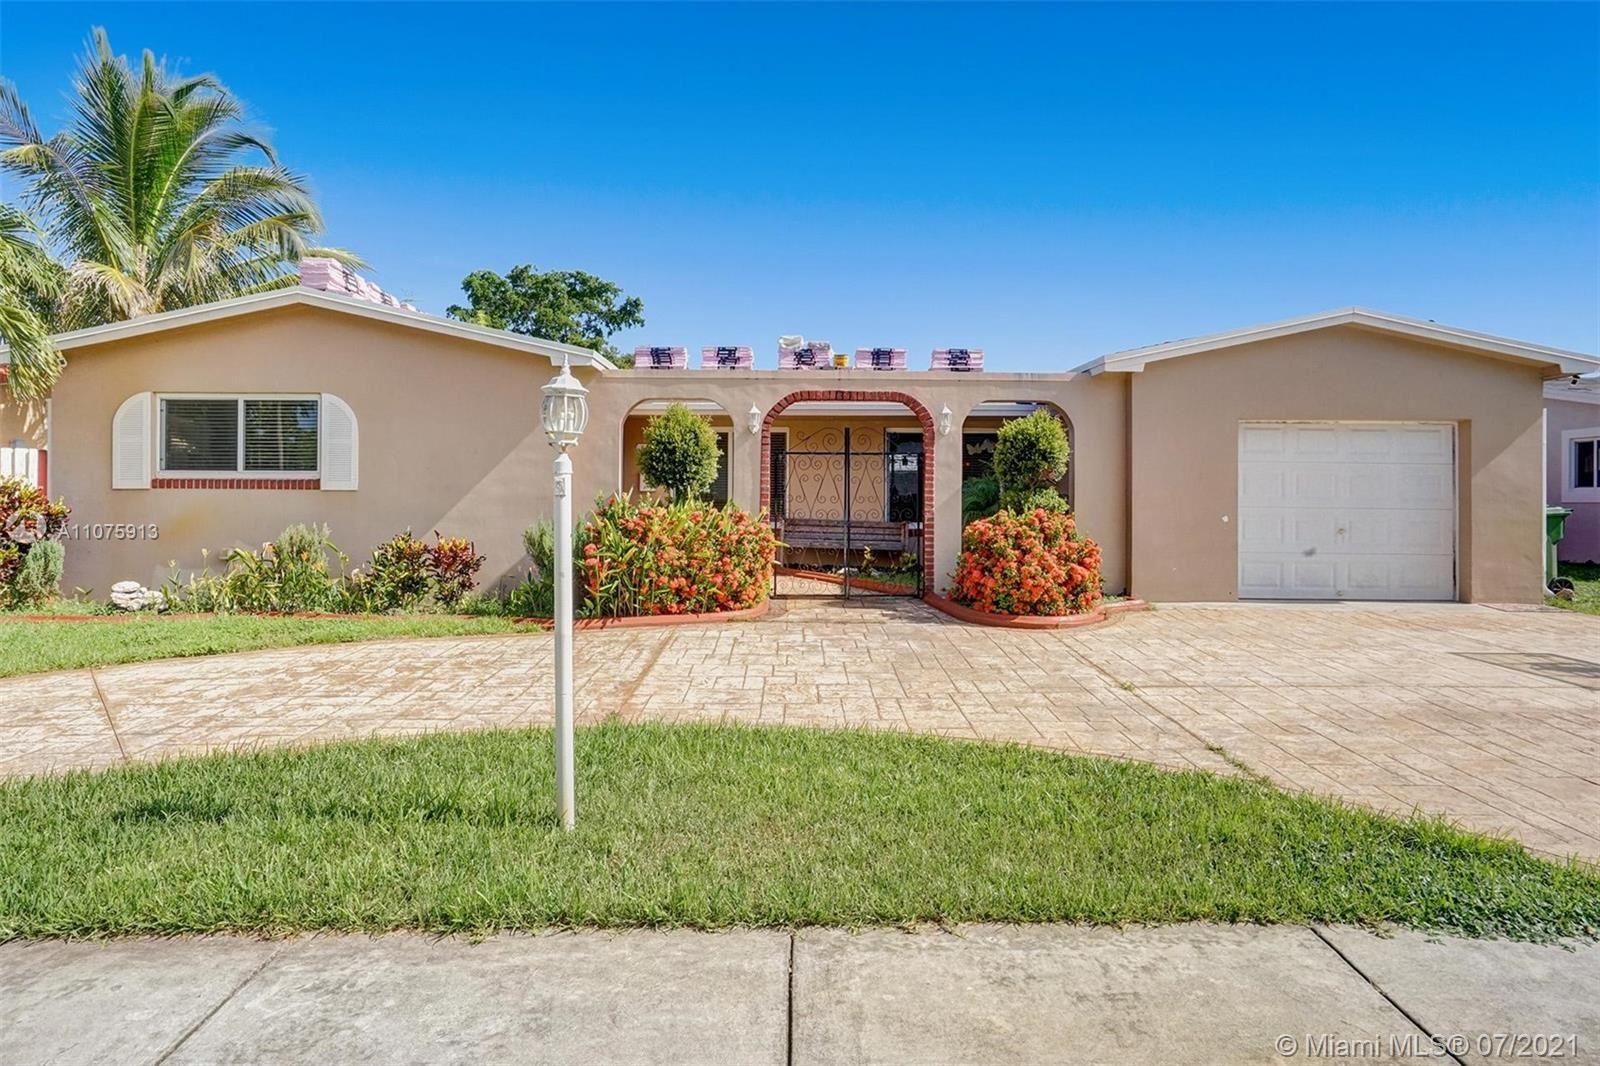 8450 NW 19th St, Pembroke Pines, FL 33024 - #: A11075913